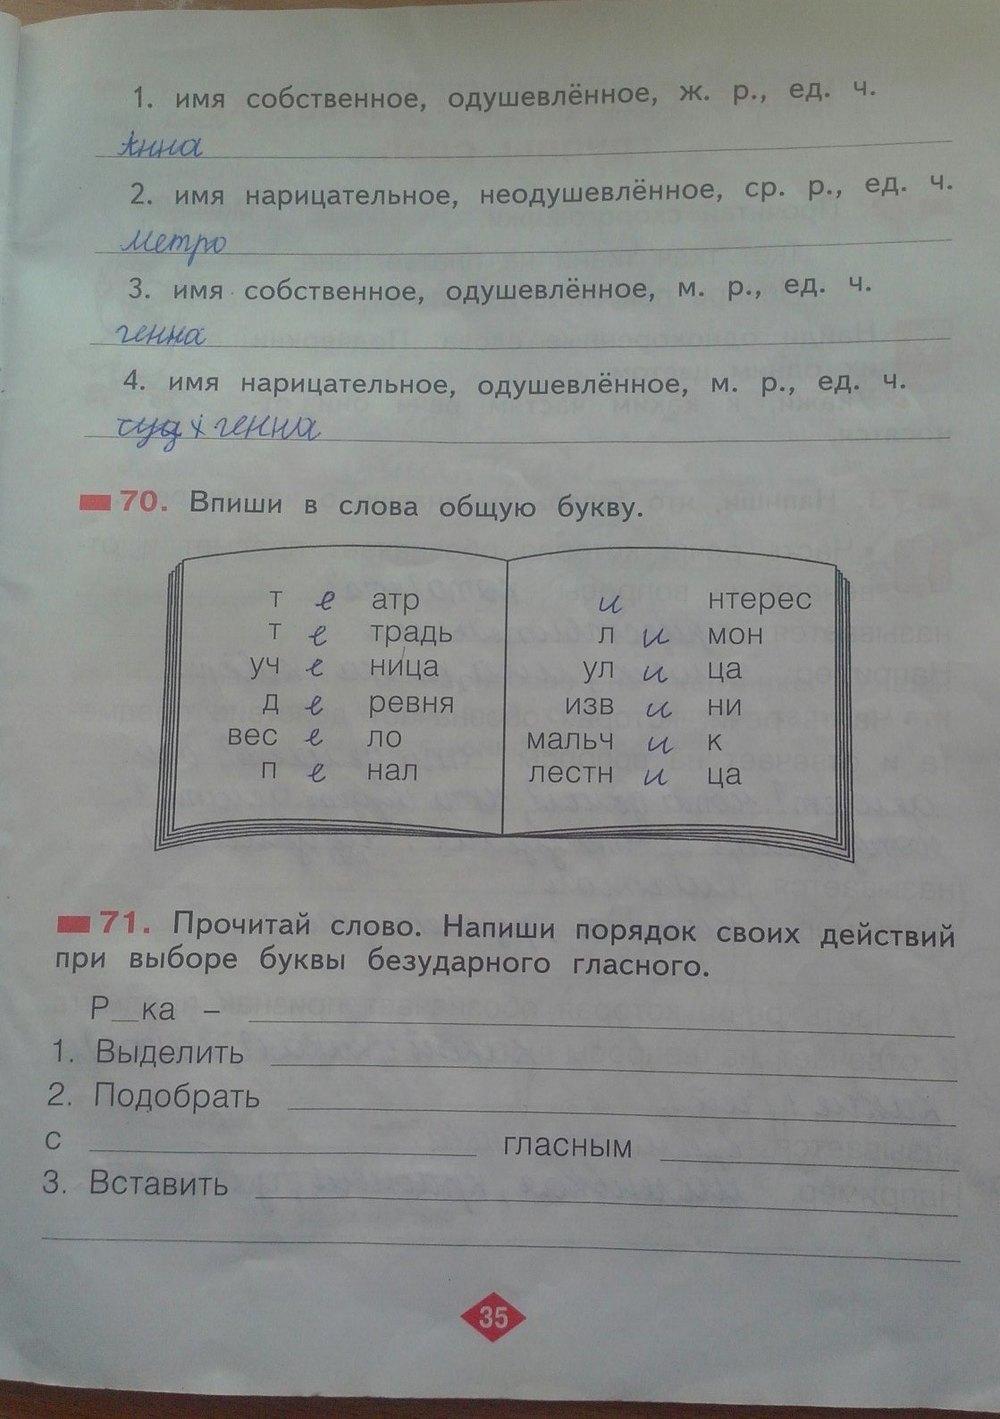 Рабочая тетрадь по русскому языку 2 яковлева 2 класс 46 задание как решить